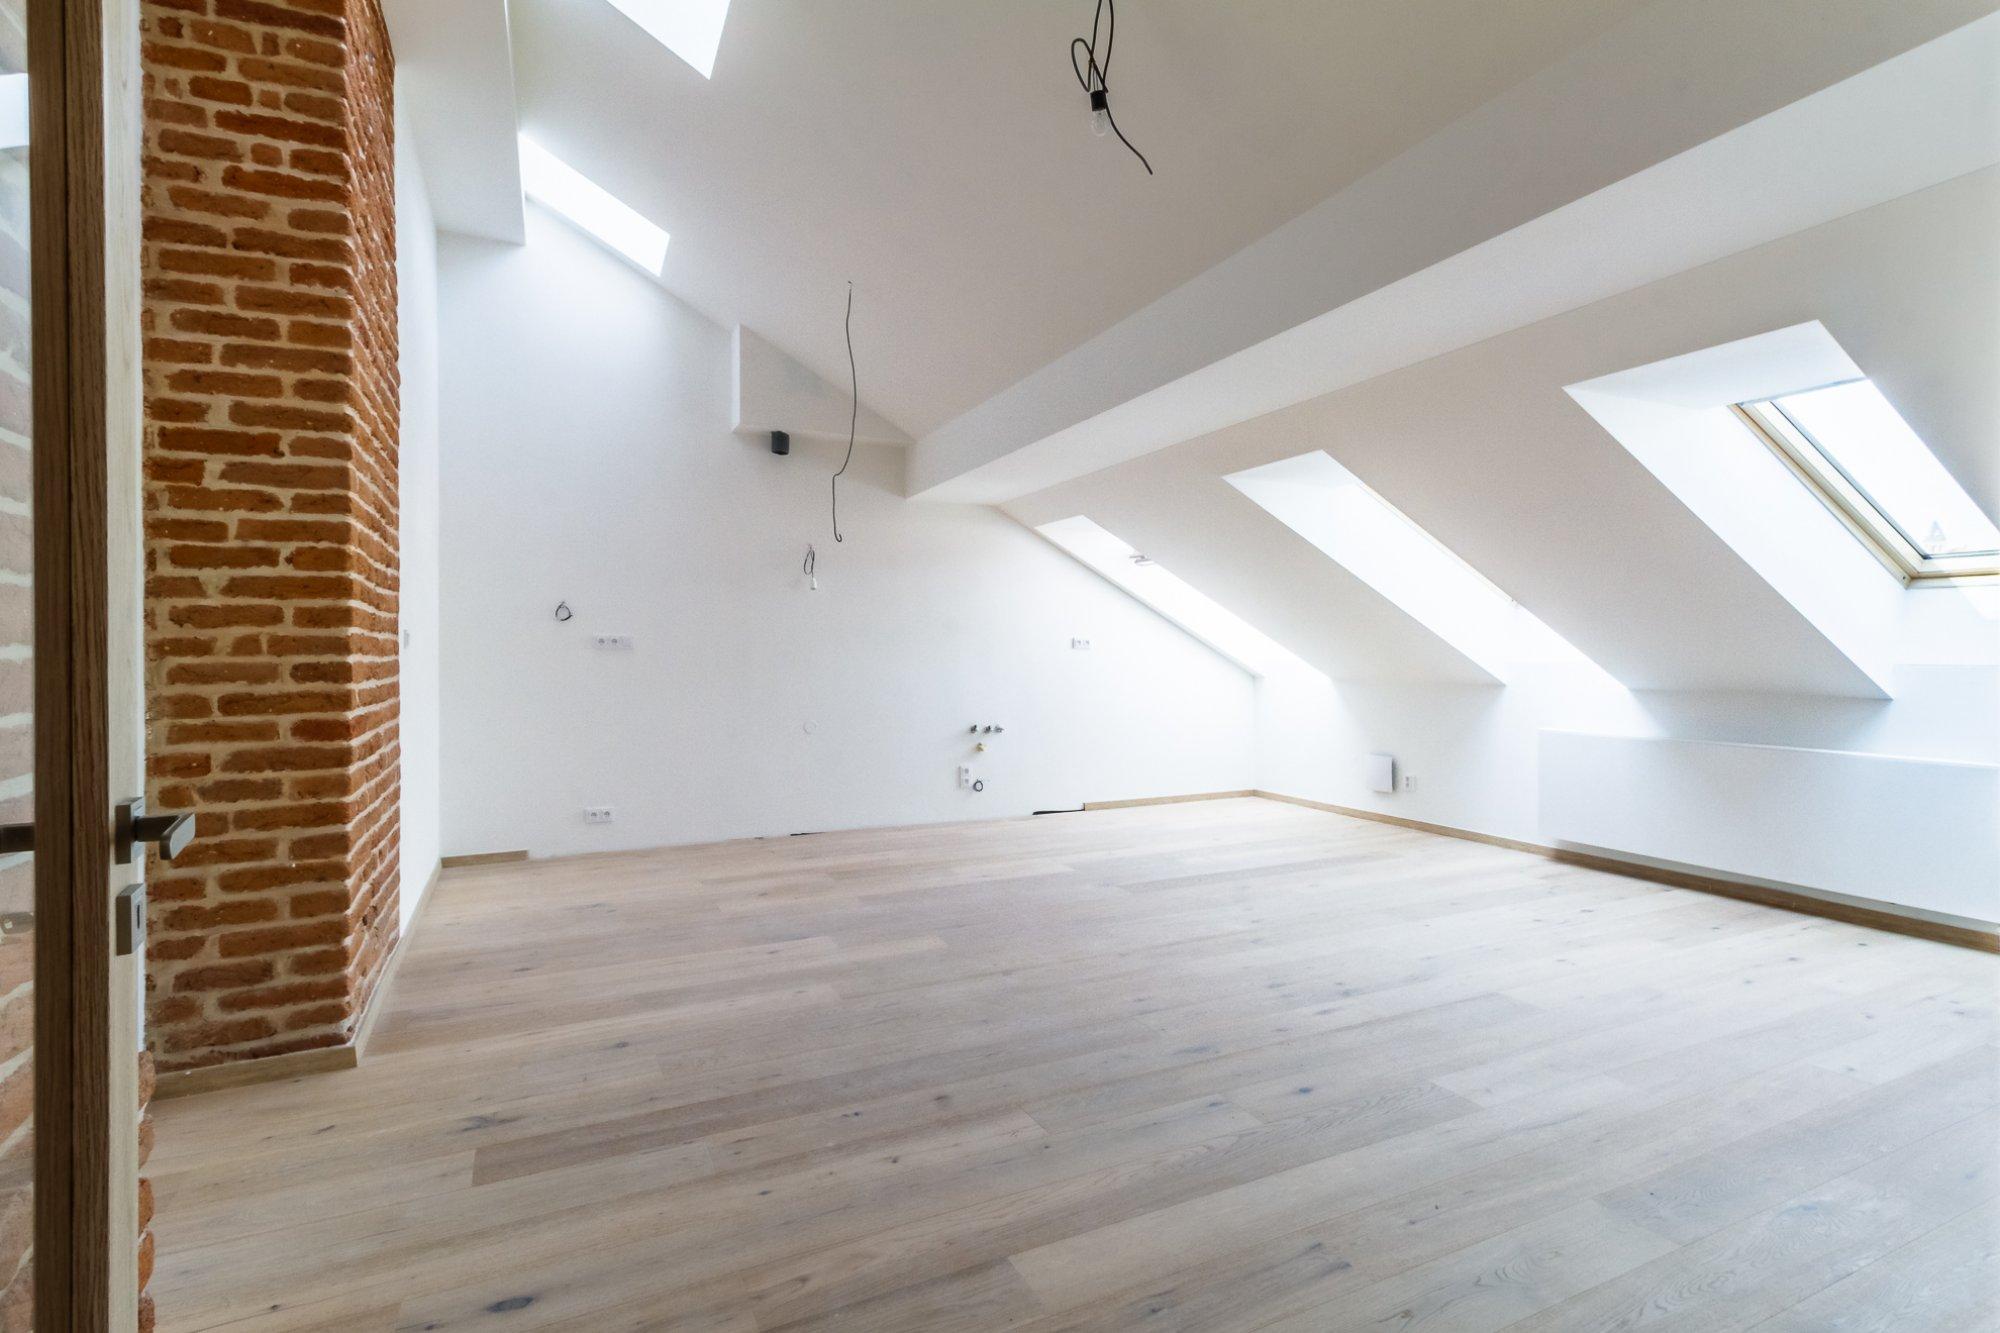 Půdní byt 4+kk, plocha 97 m², ulice Štefánikova, Praha 5 - Smíchov | 2